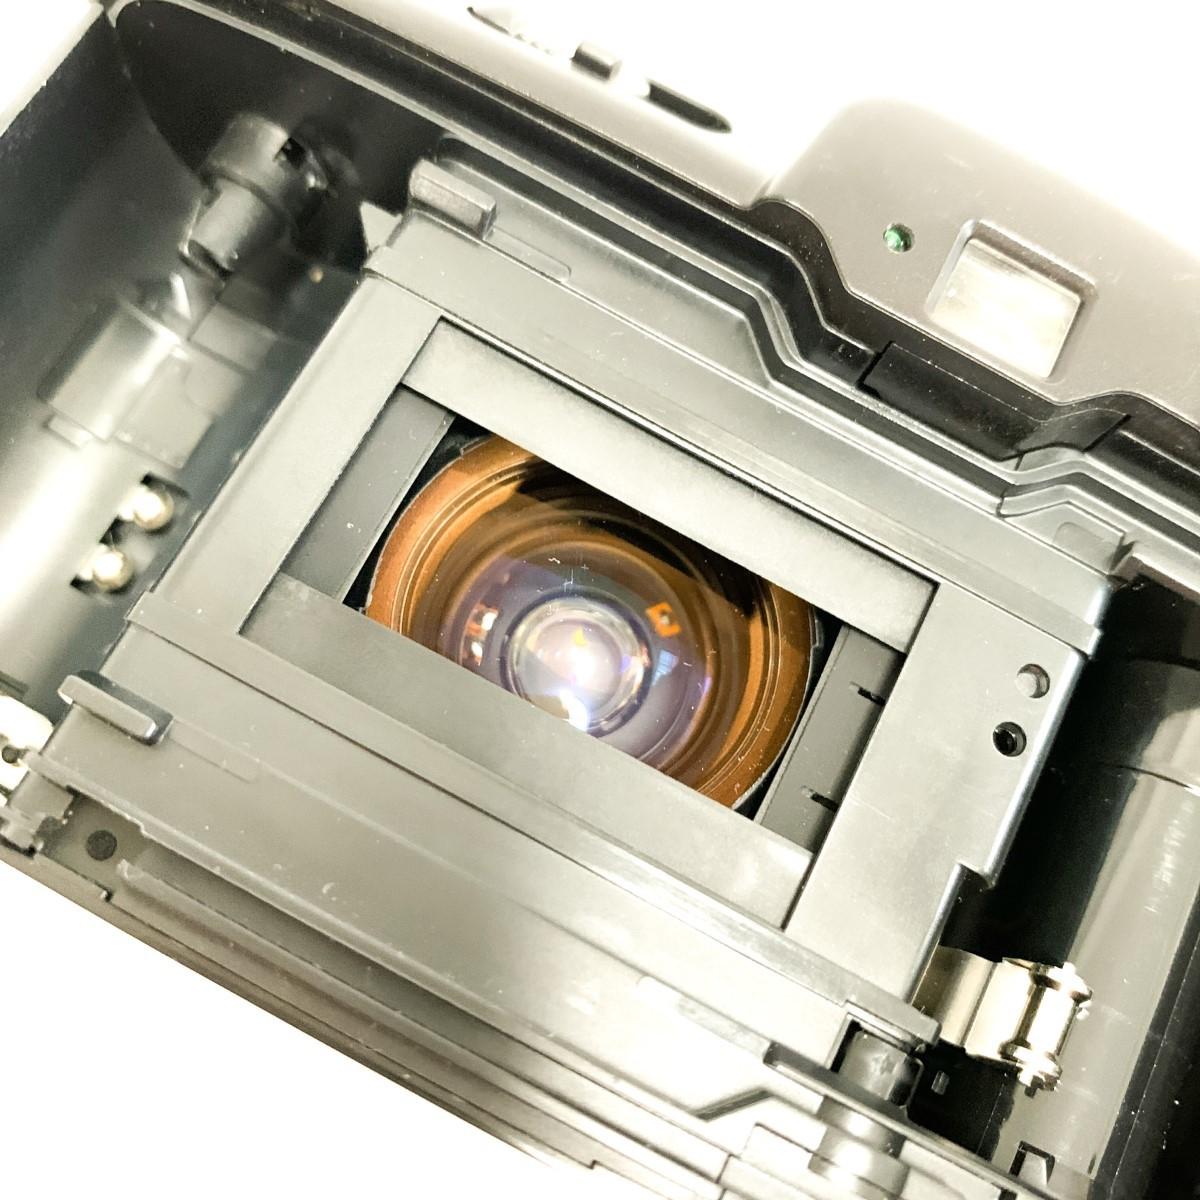 【極美品 完動品】Canon Autoboy S PANORAMA Ai AF 38-115mm 広角~望遠域レンズ パノラマ撮影 キャノン コンパクトフィルムカメラ C424_画像9